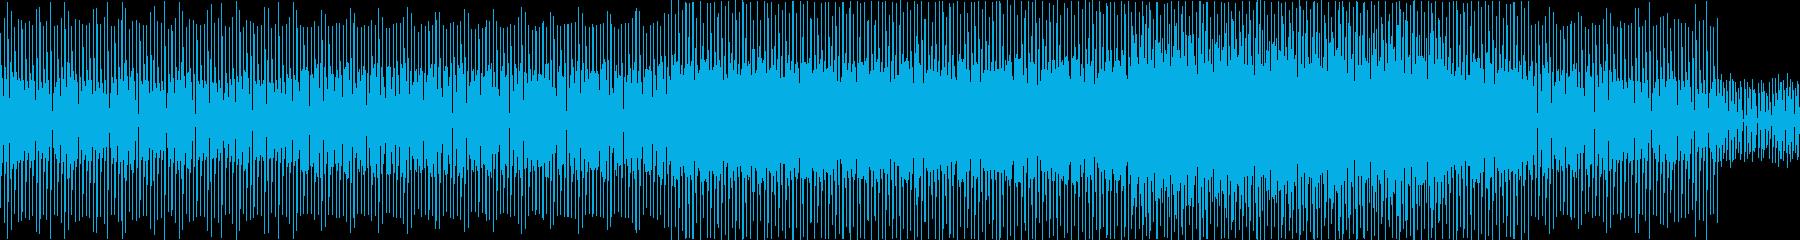 ビデオゲームの再生済みの波形